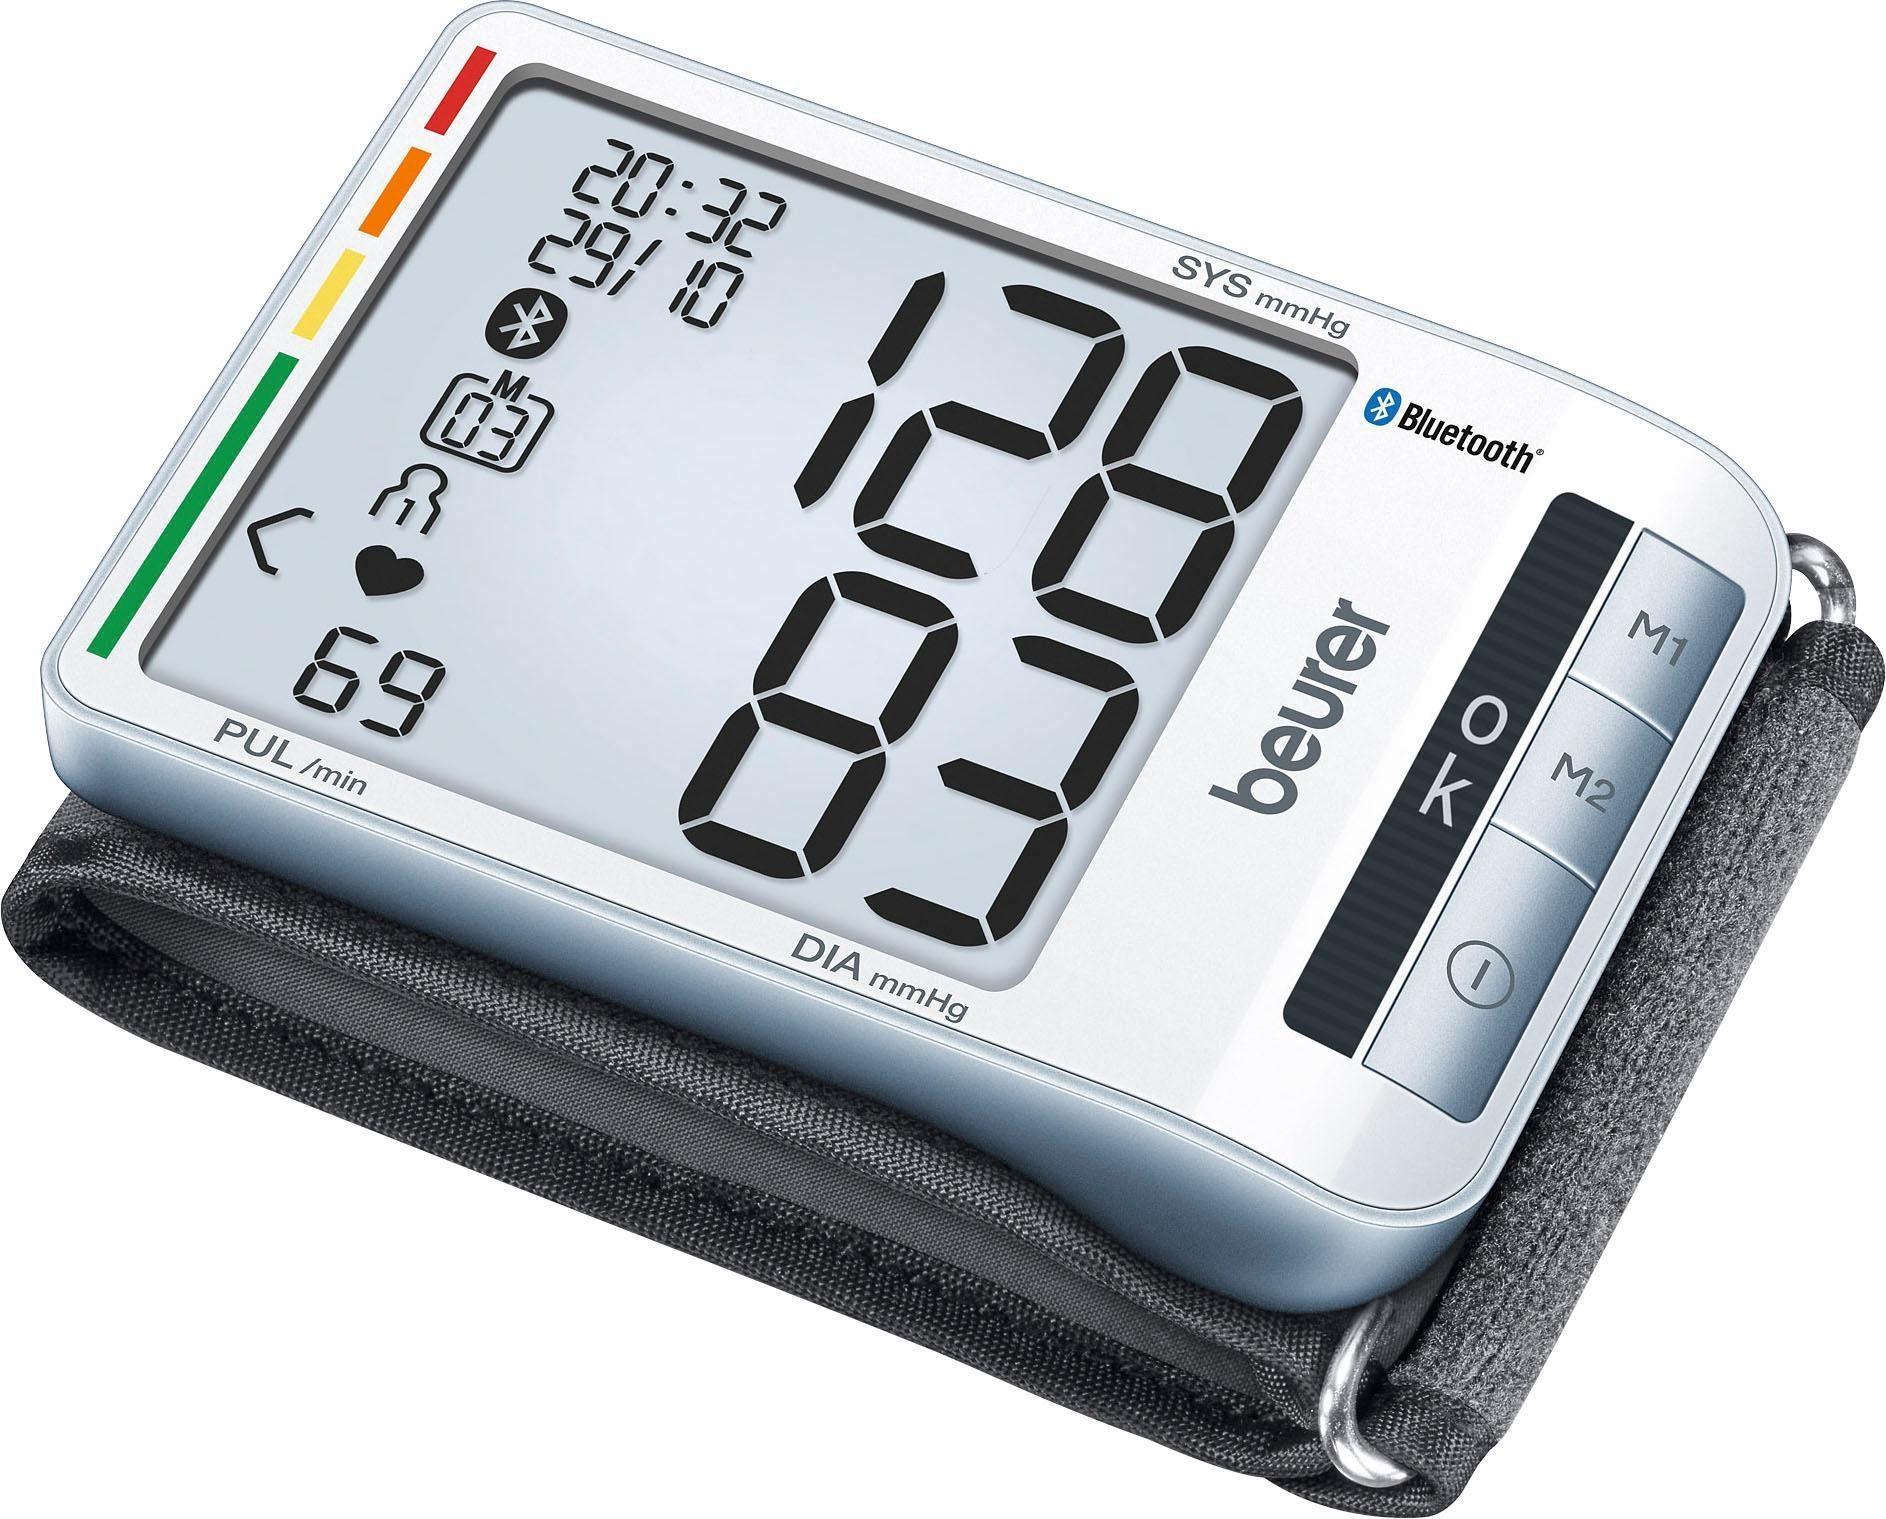 Beurer Handgelenk-Blutdruckmessgerät BC 85, Vernetzung zwischen Smartphone und Blutdruckmessgerät